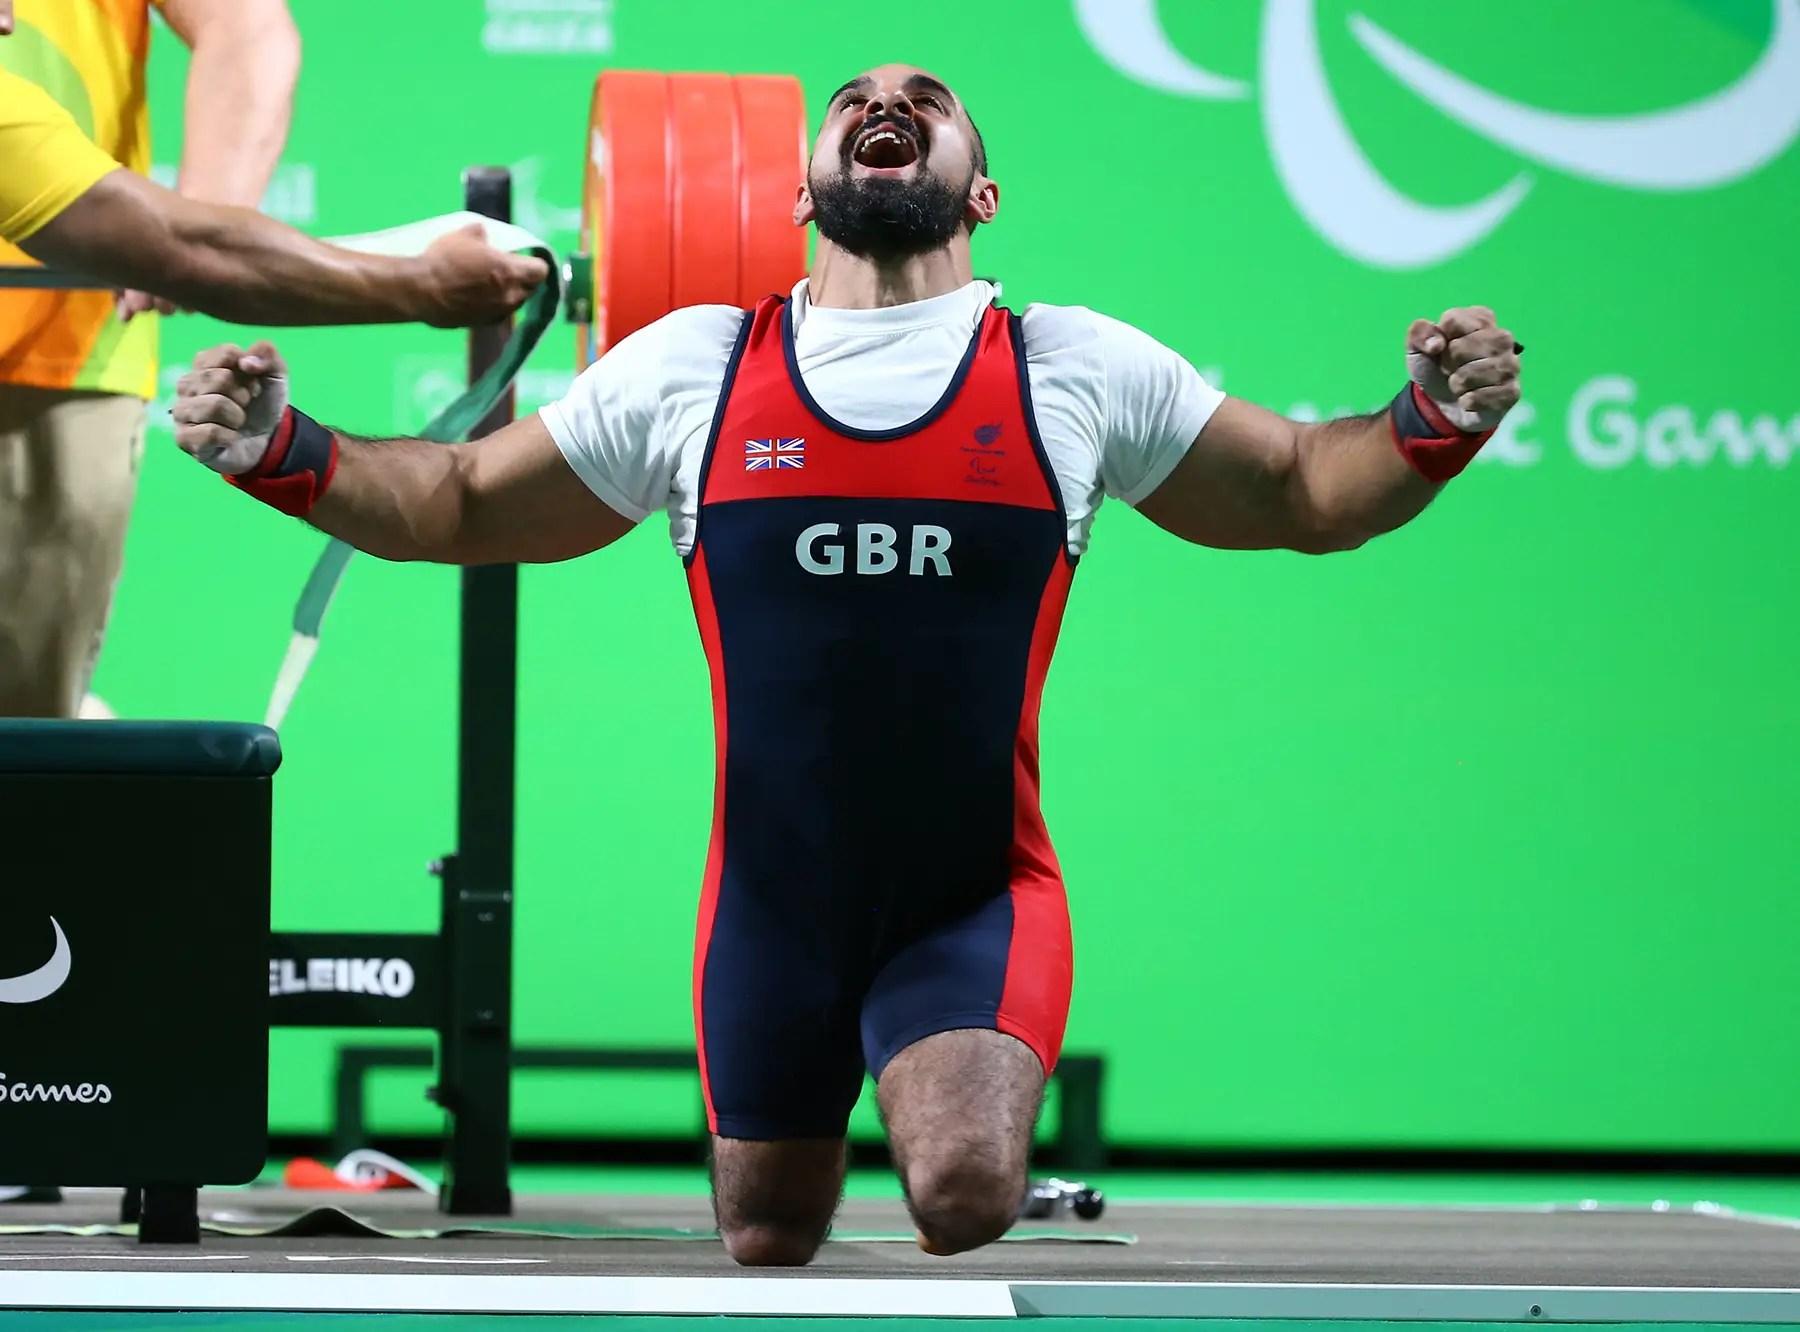 Ali Jawad de Gran Bretaña después de un levantamiento exitoso en el levantamiento de pesas.